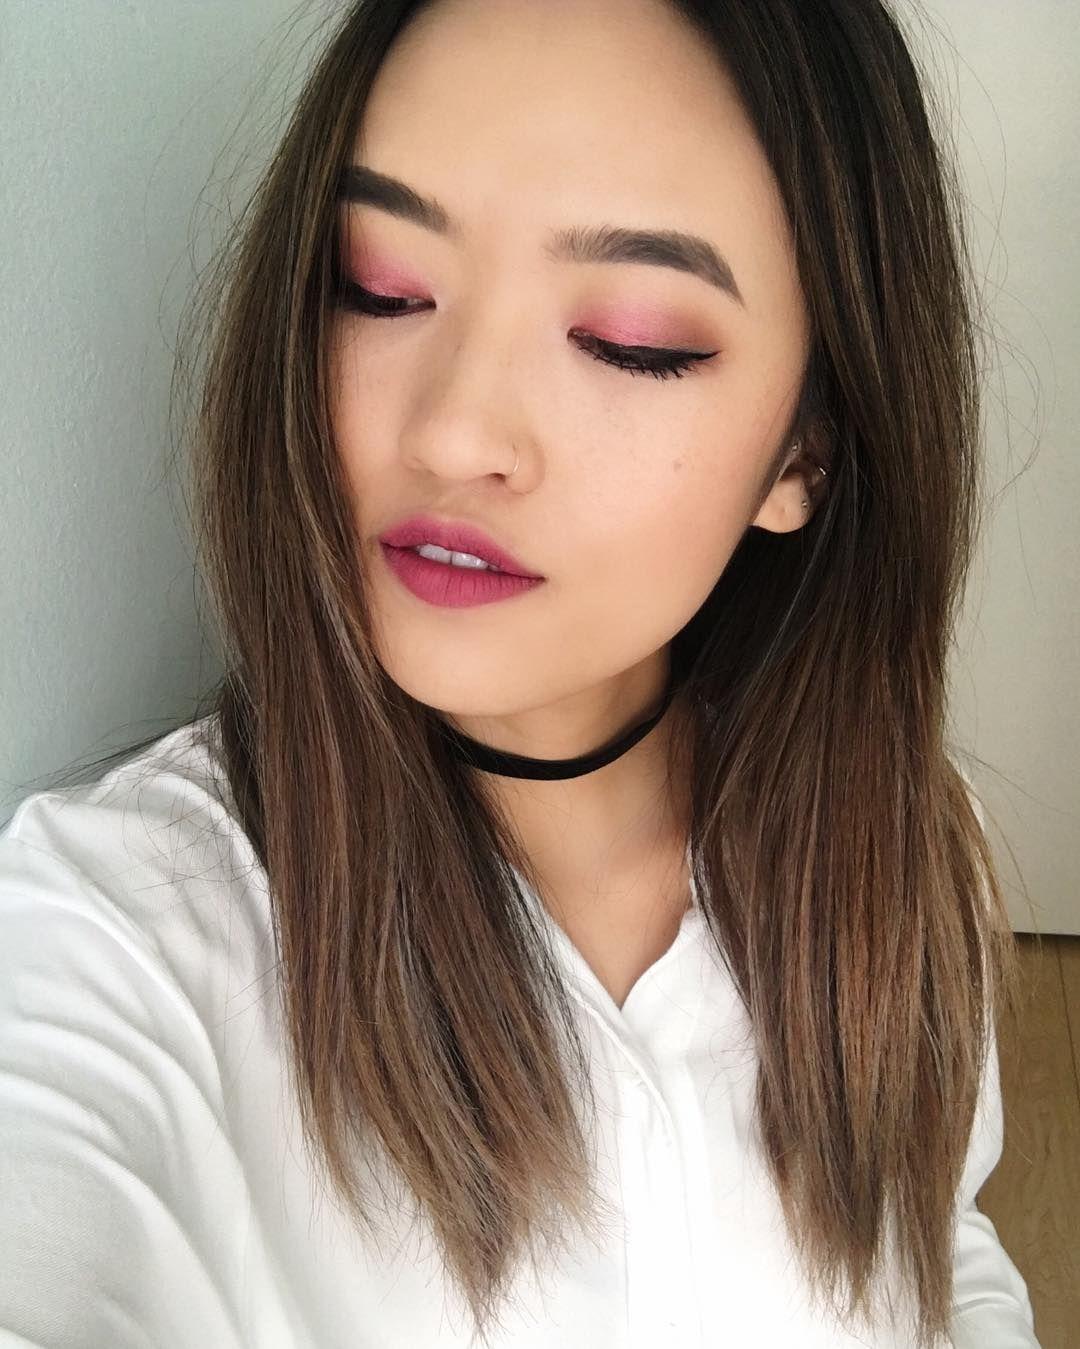 f42d363f503 monolid makeup for spring | makeup | Monolid makeup, Makeup, Eye makeup